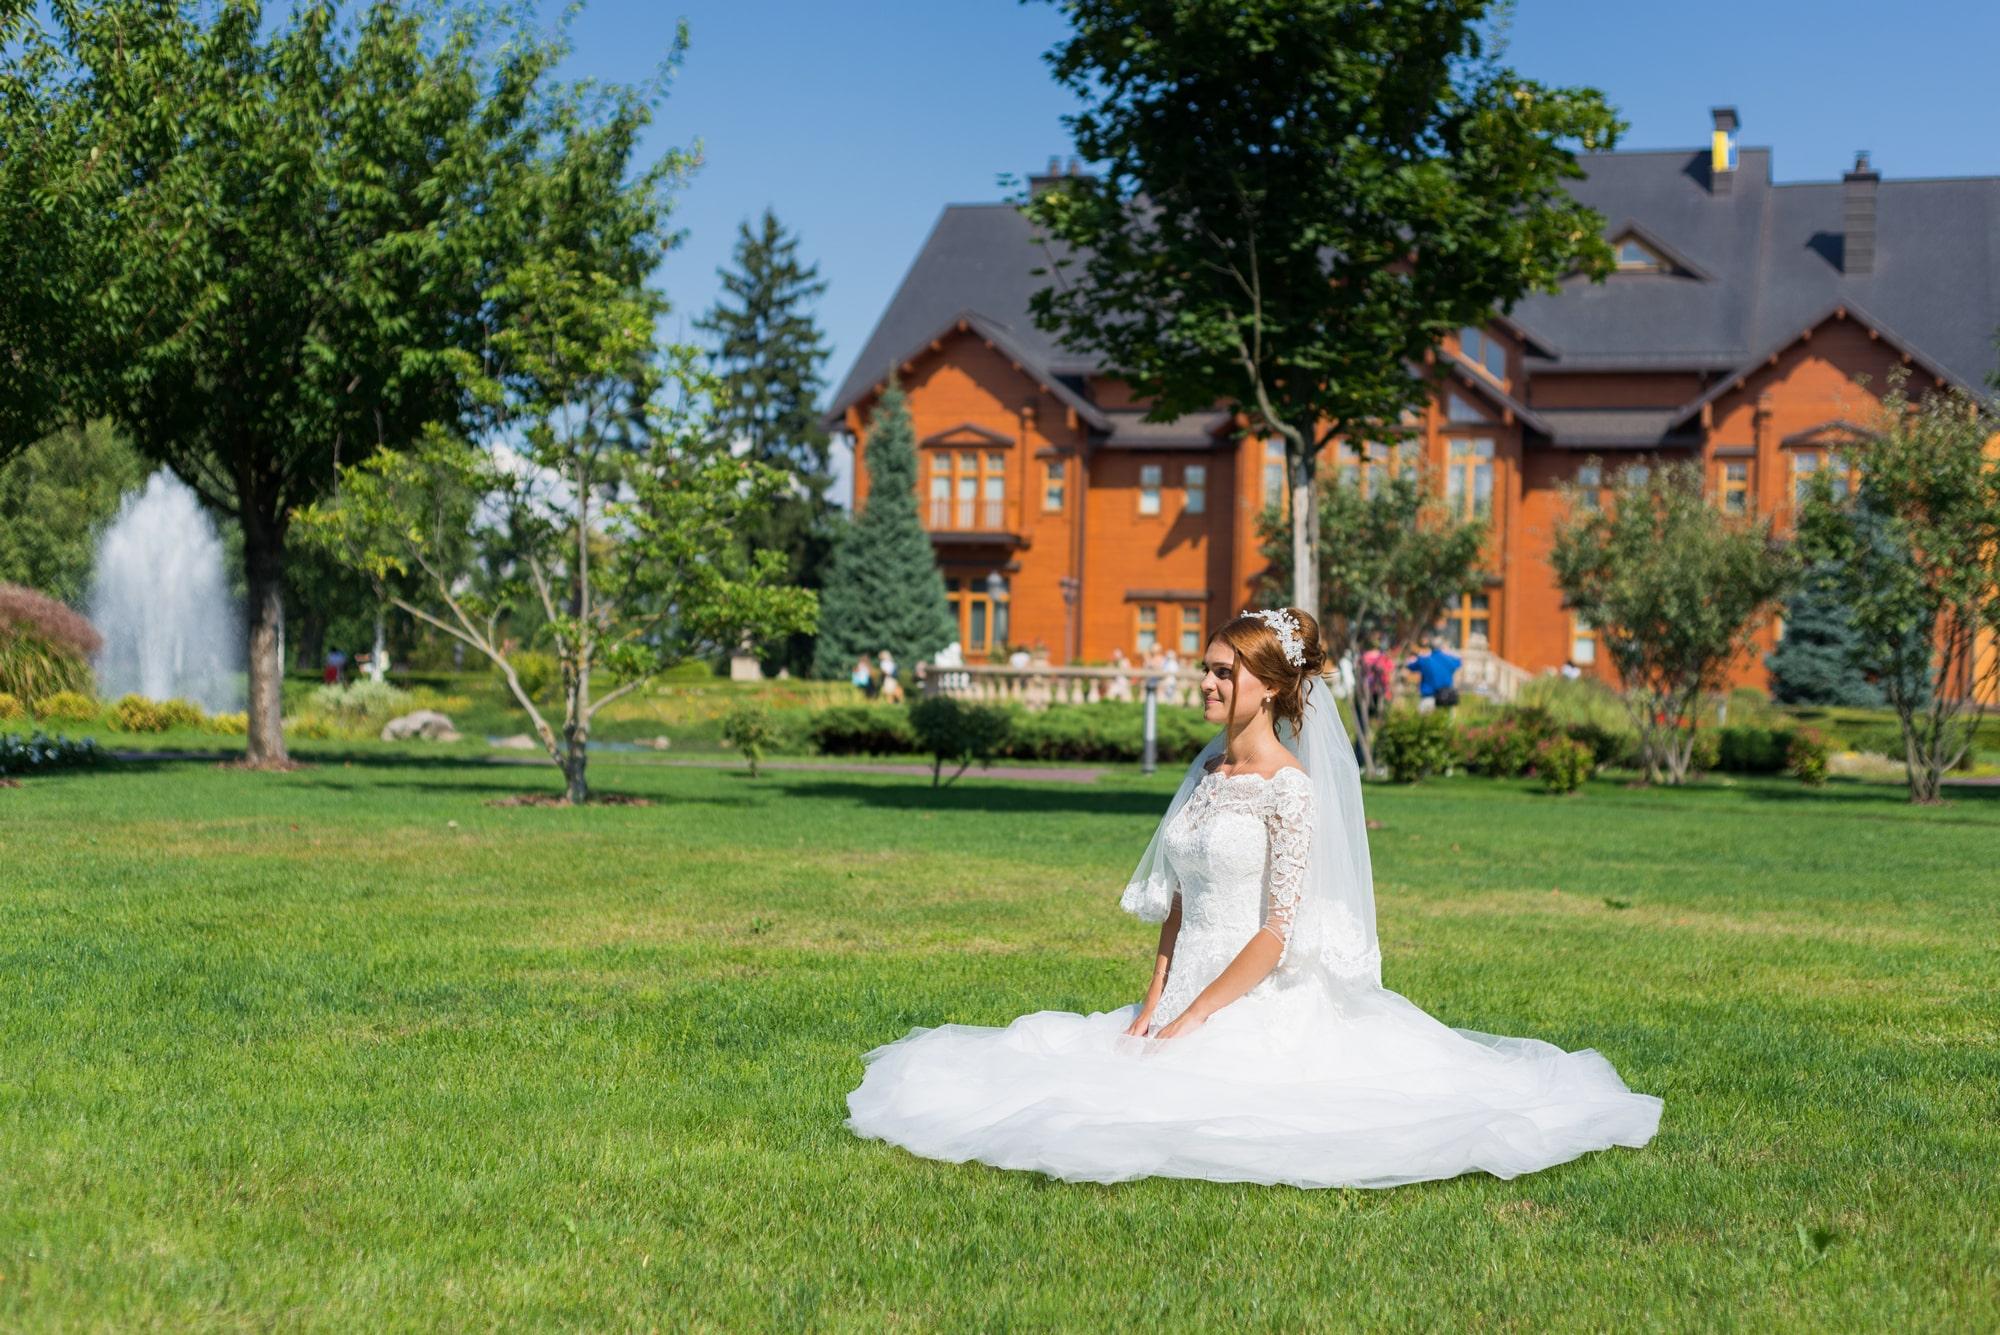 Свадебная фотосъемка в Межигорье - невеста сидит на траве